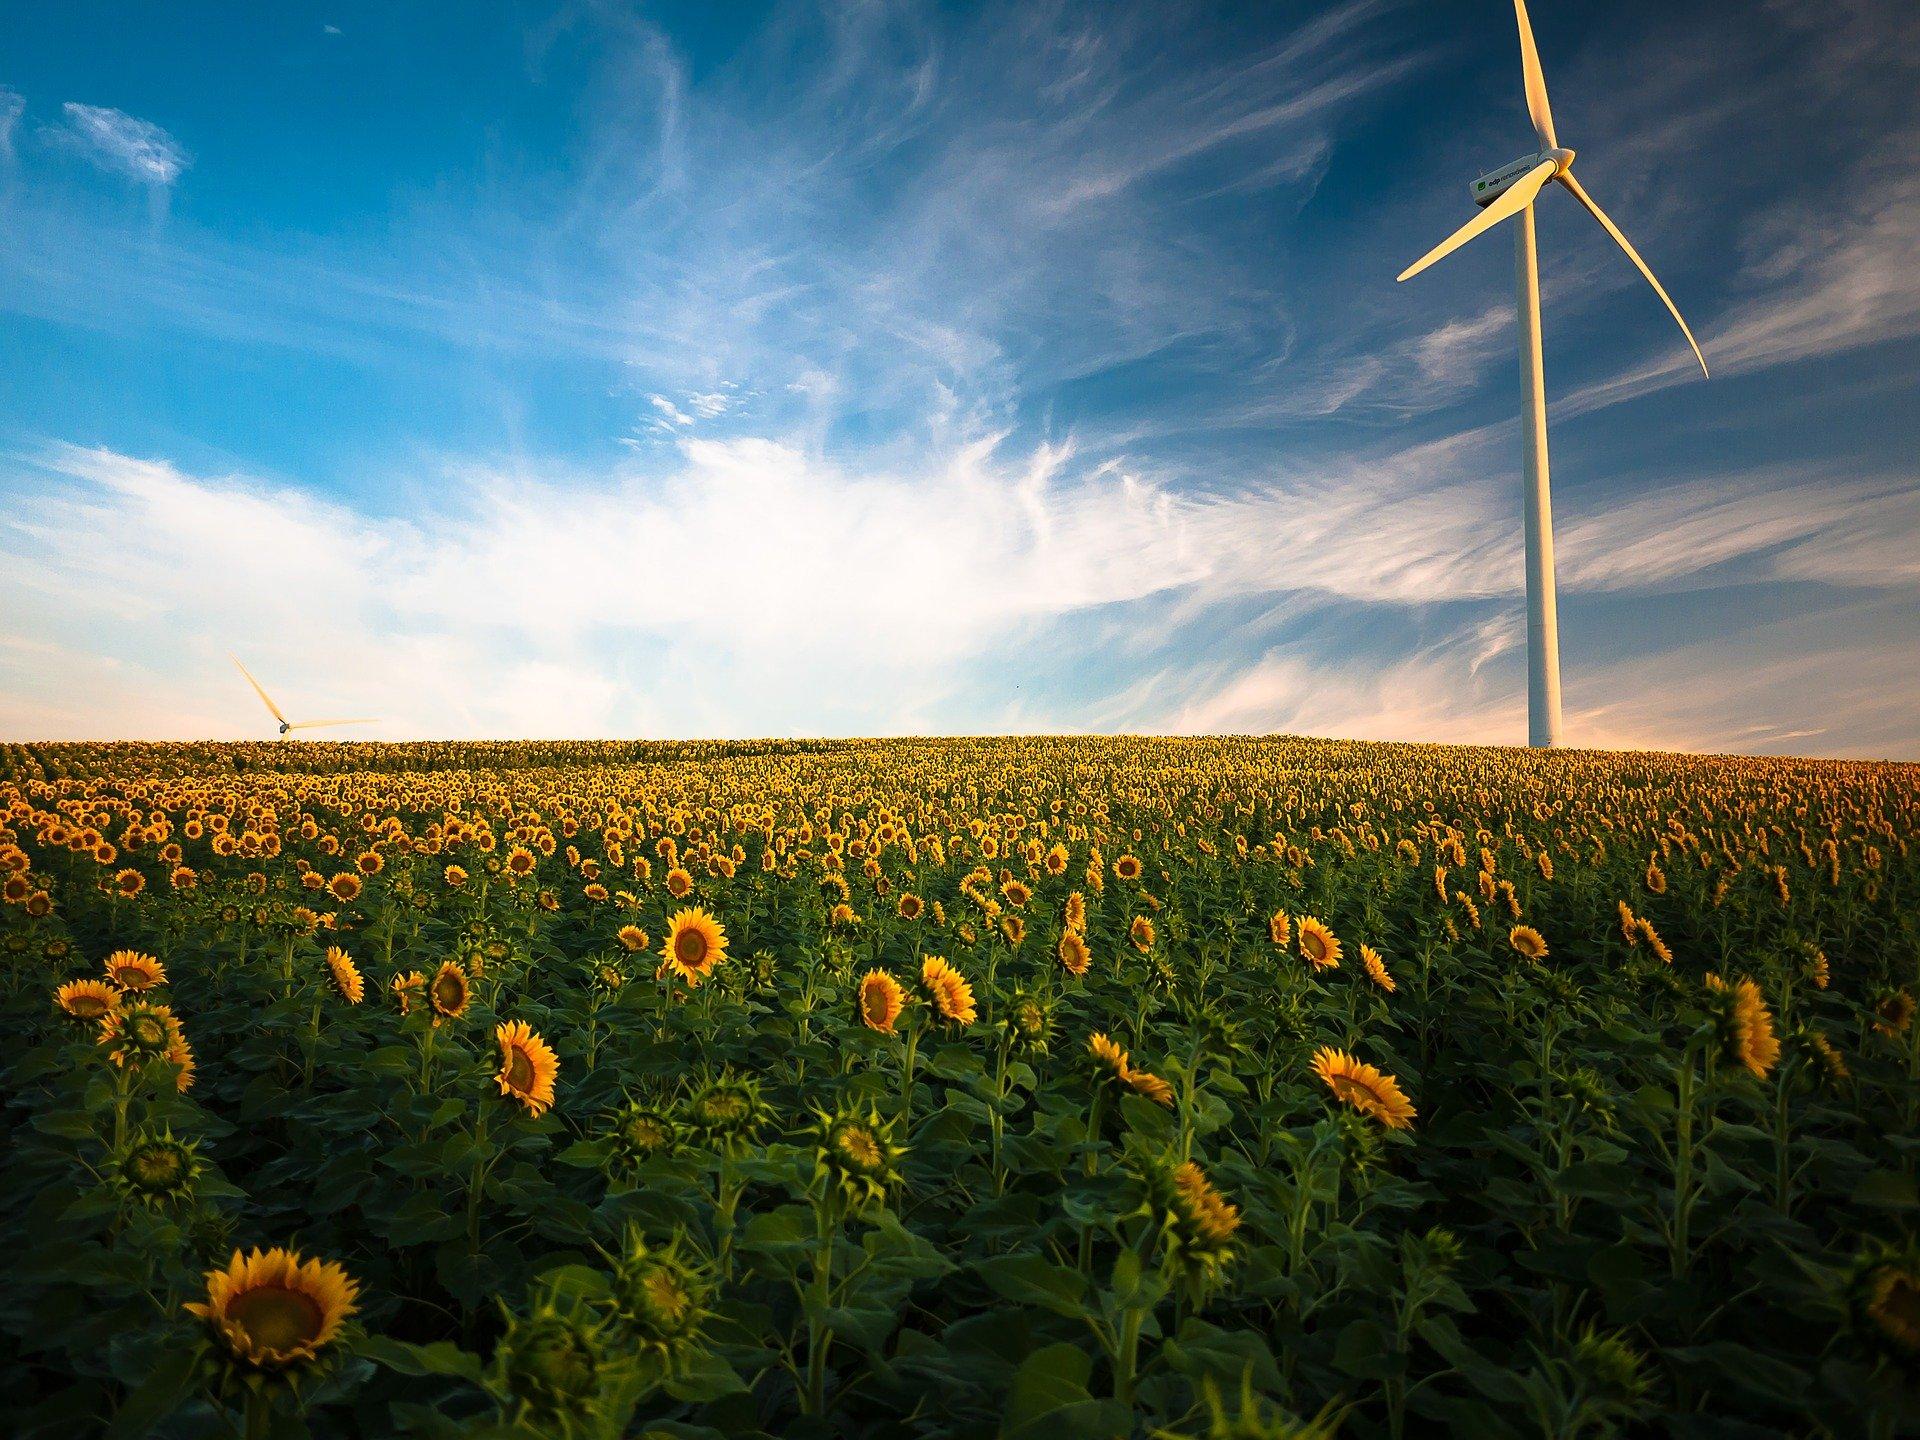 Windkraft Symbolbild Sonnenblumenfeld mit Windrad